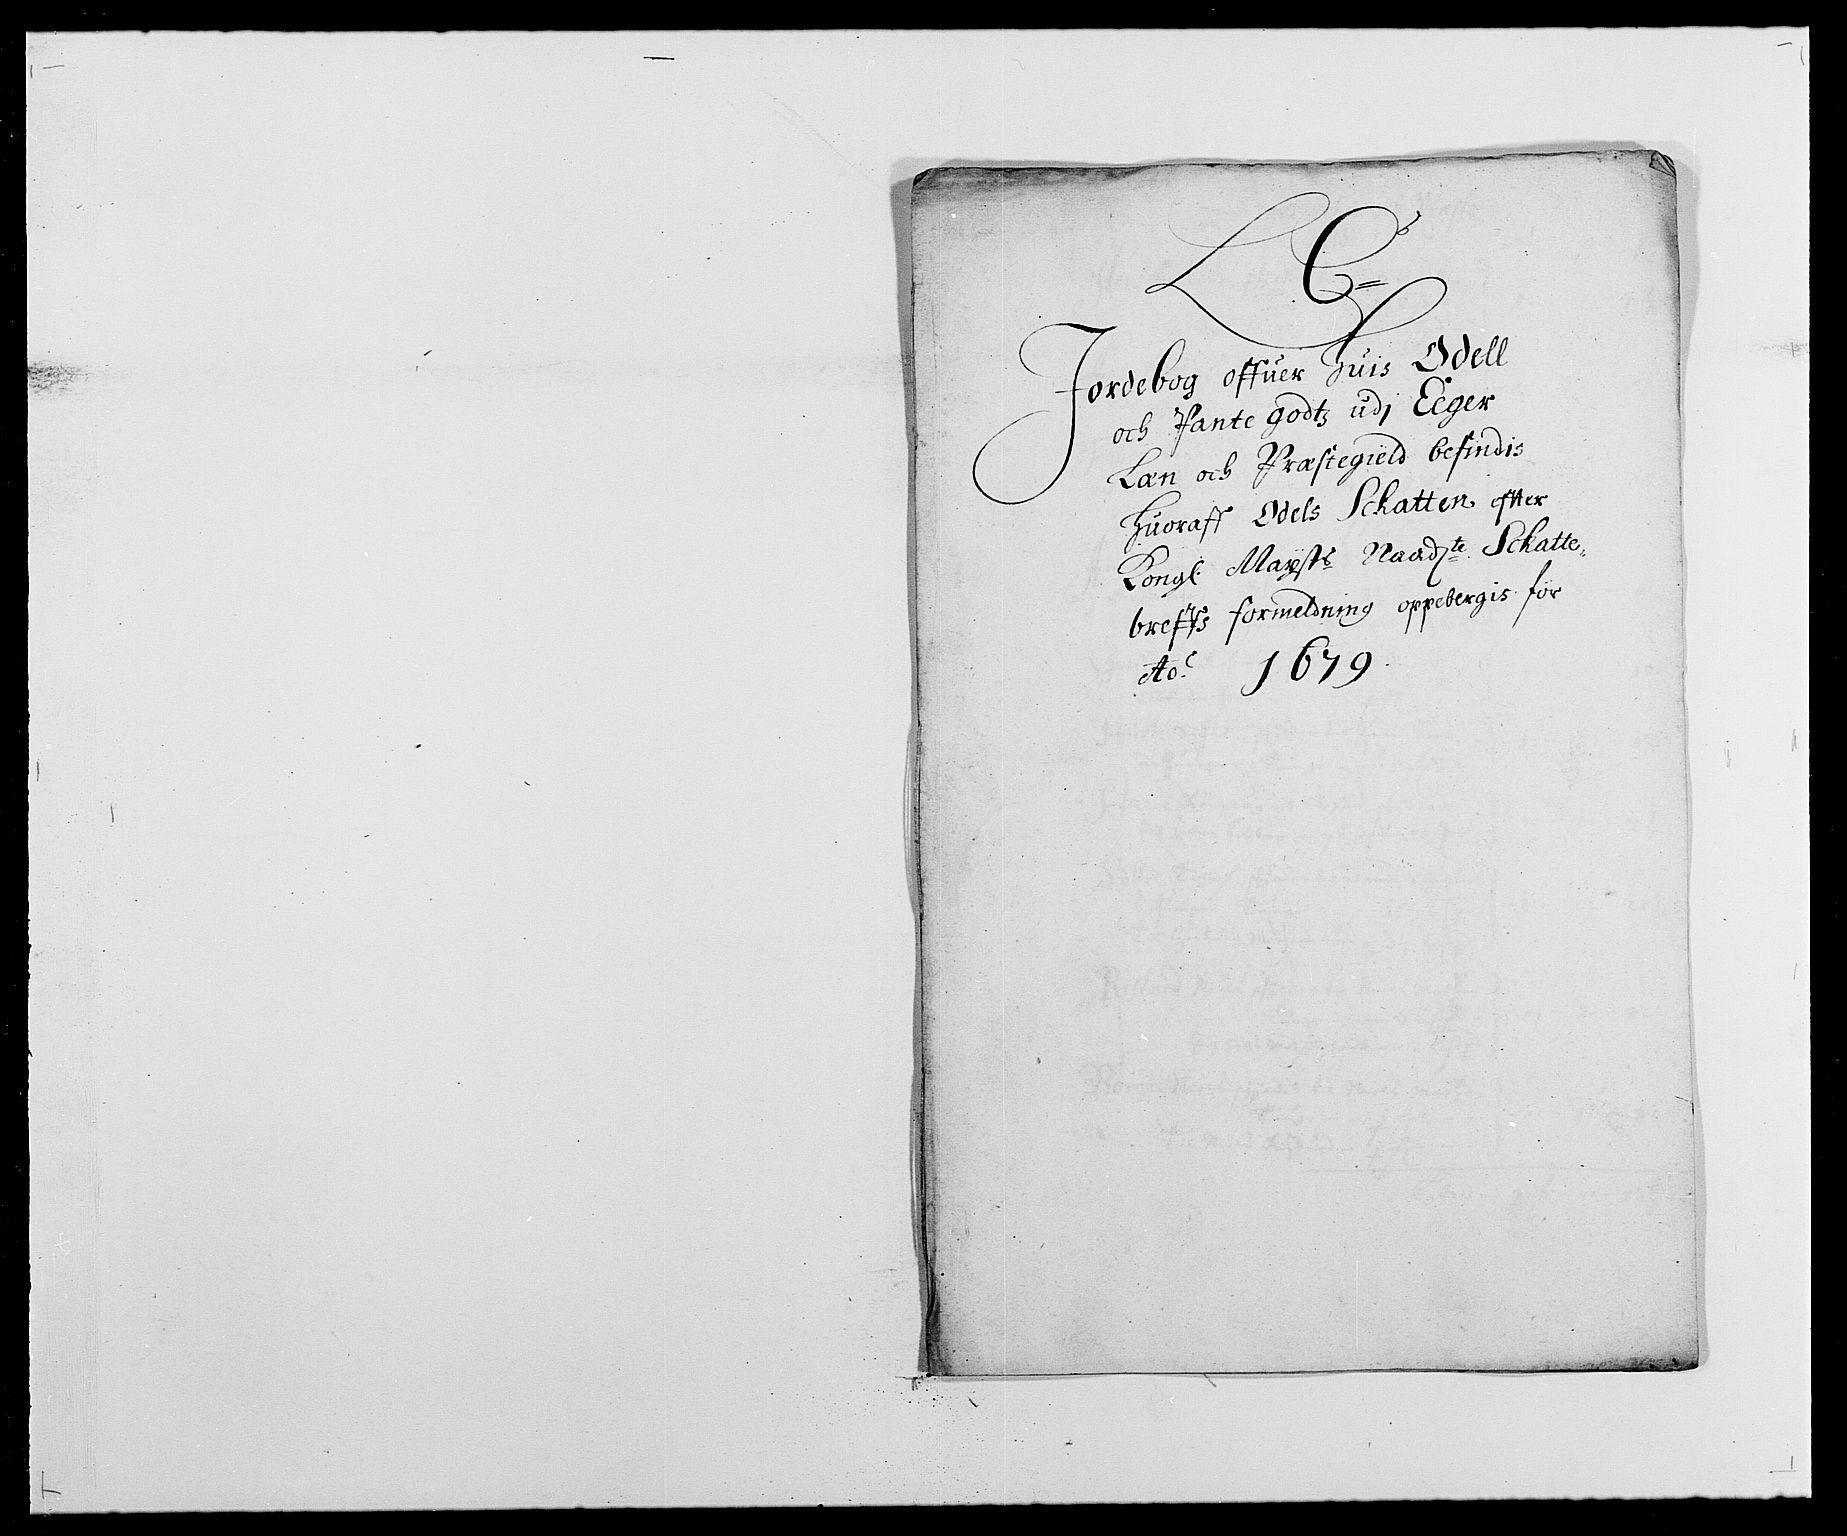 RA, Rentekammeret inntil 1814, Reviderte regnskaper, Fogderegnskap, R26/L1684: Fogderegnskap Eiker, 1679-1686, s. 64